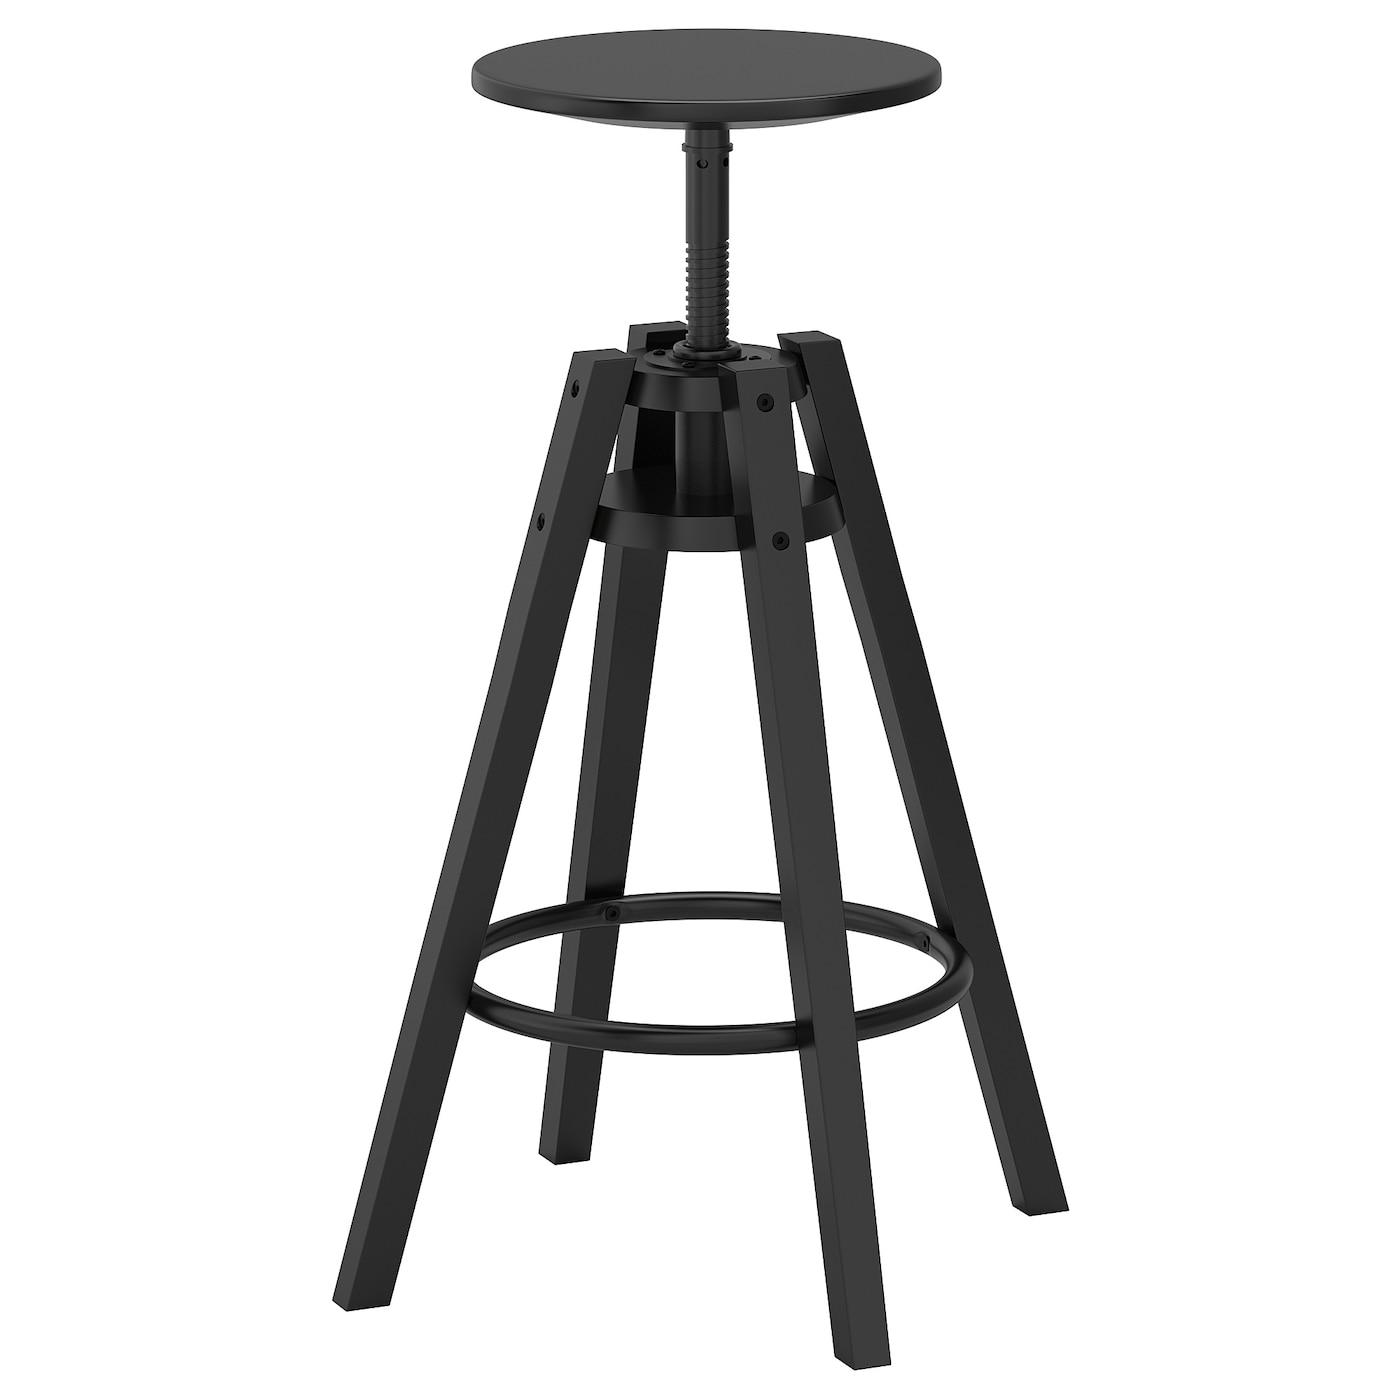 DALFRED Stołek barowy czarny 63 74 cm